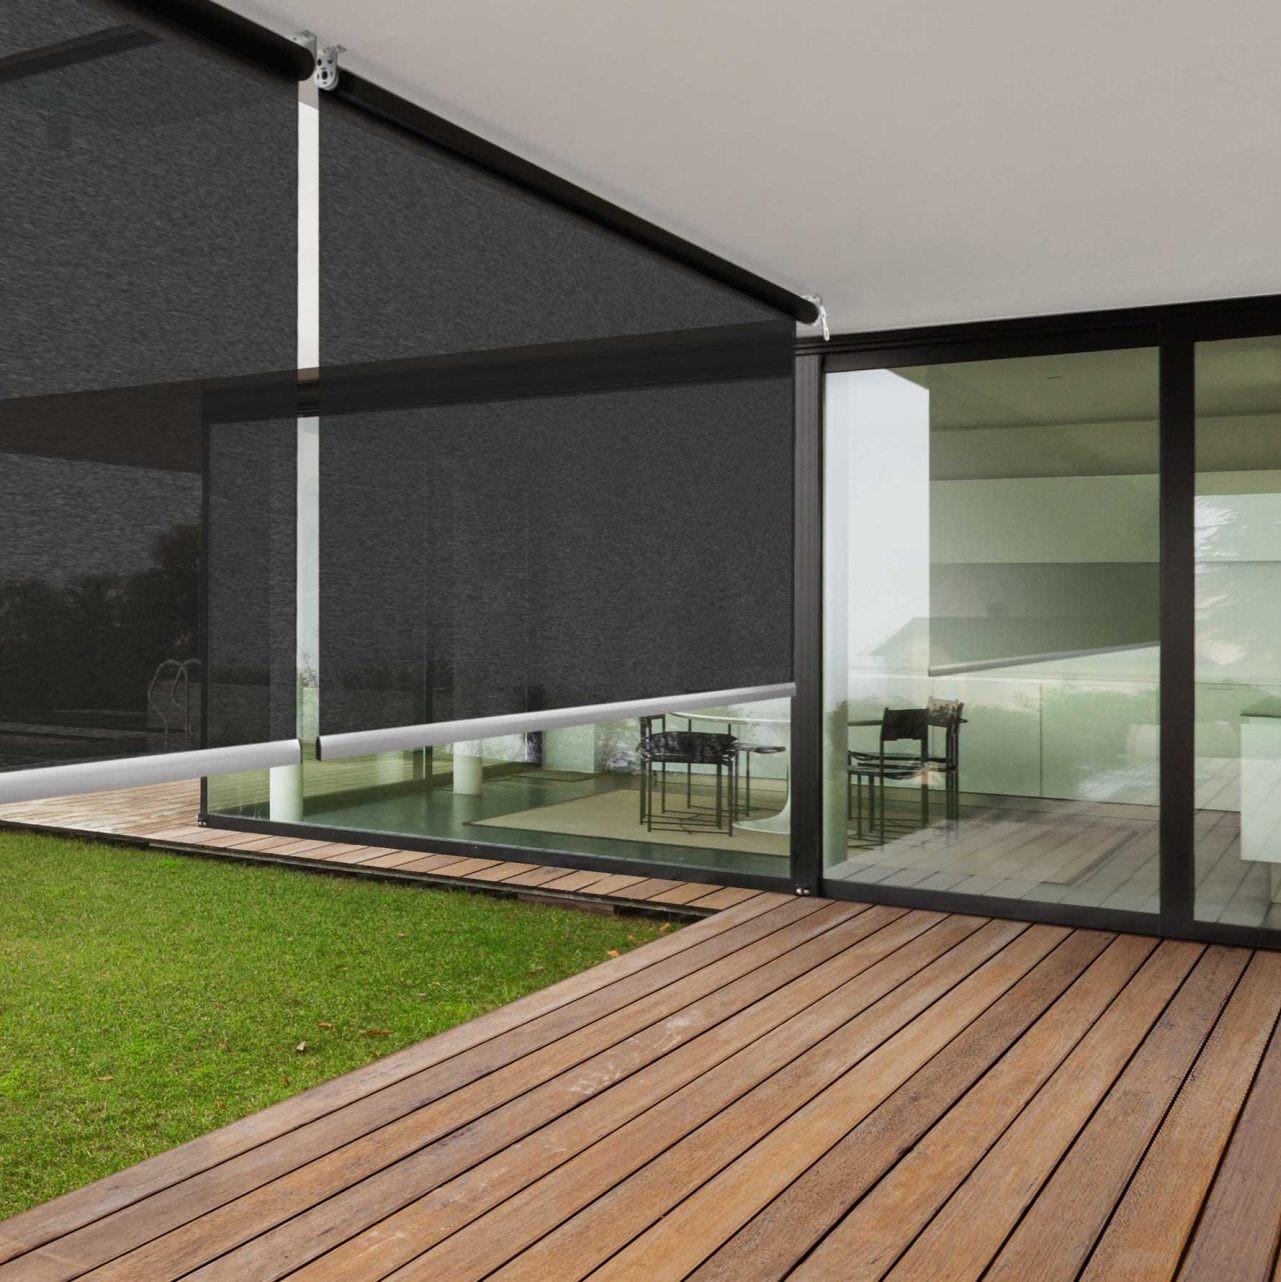 omni screen outdoor blinds